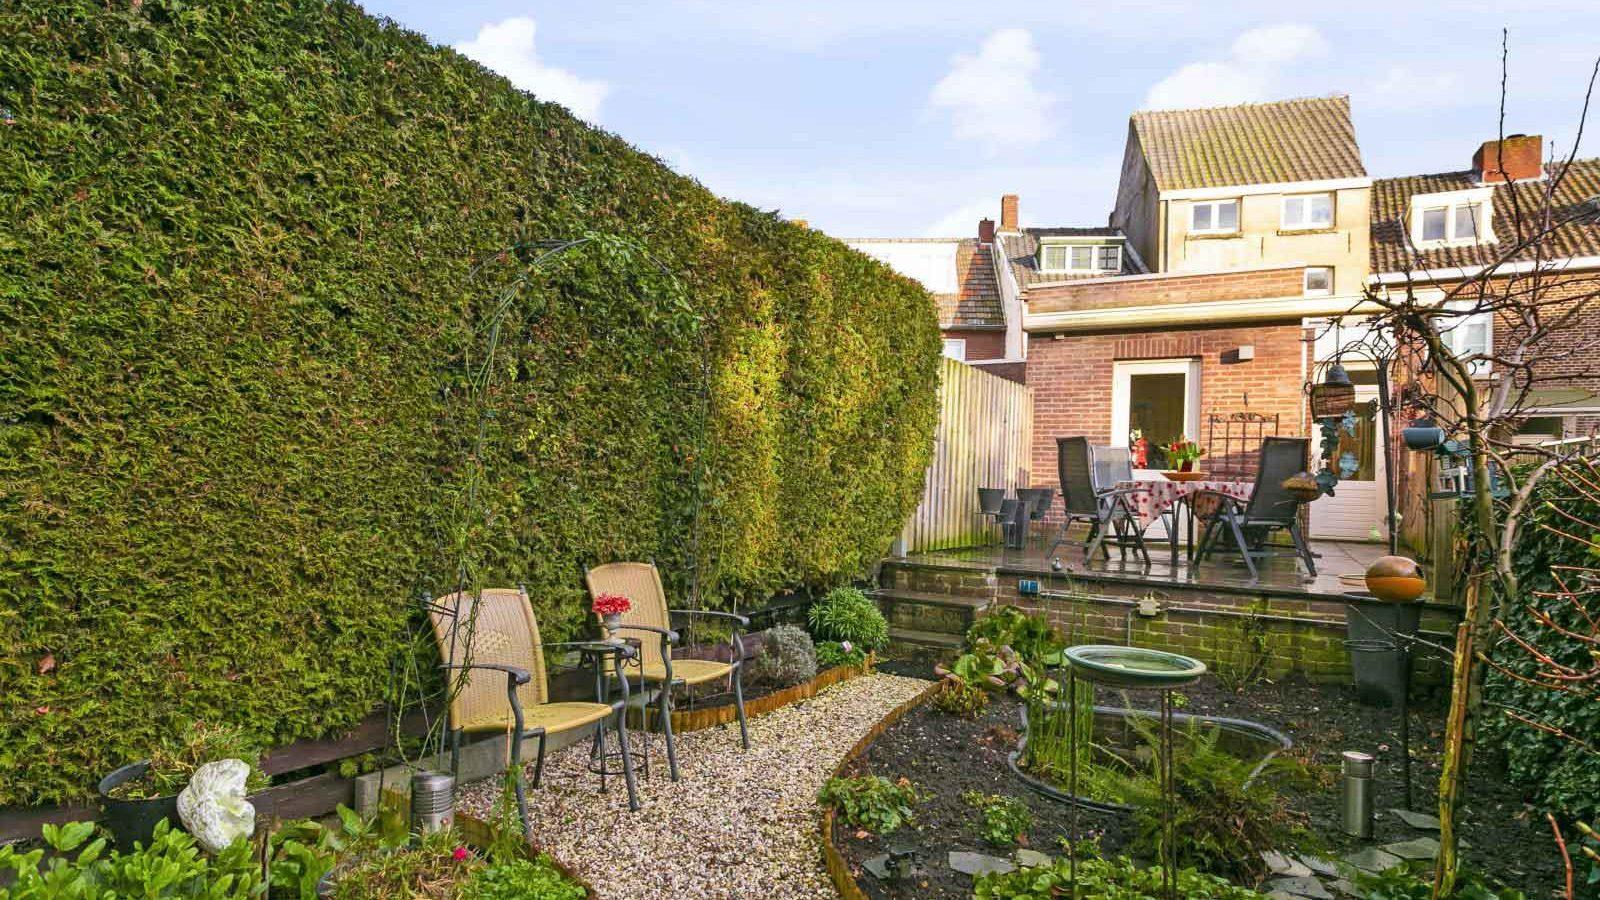 Vismarkt12Roermond-35-1600x1067